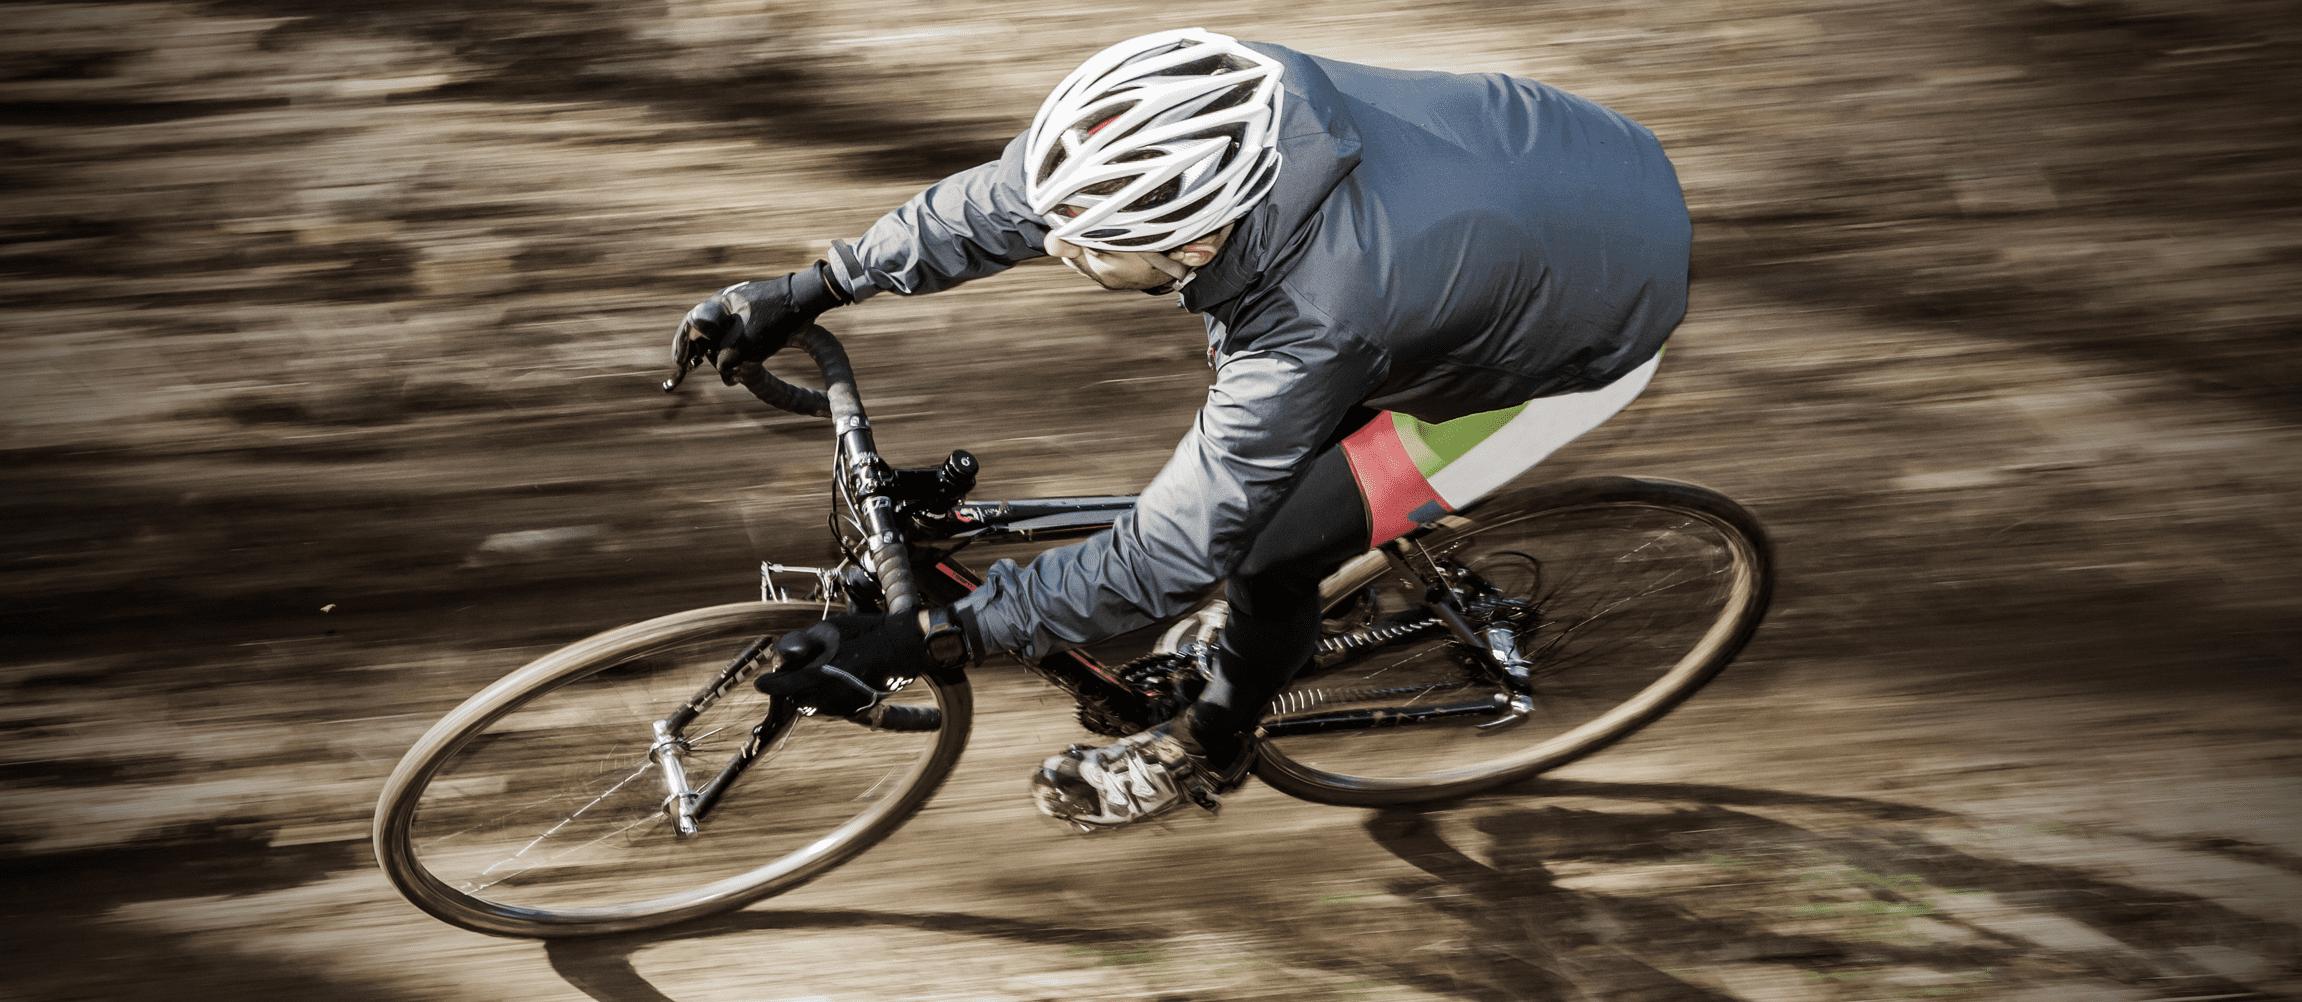 Omgaan met tegenslagen op de fiets